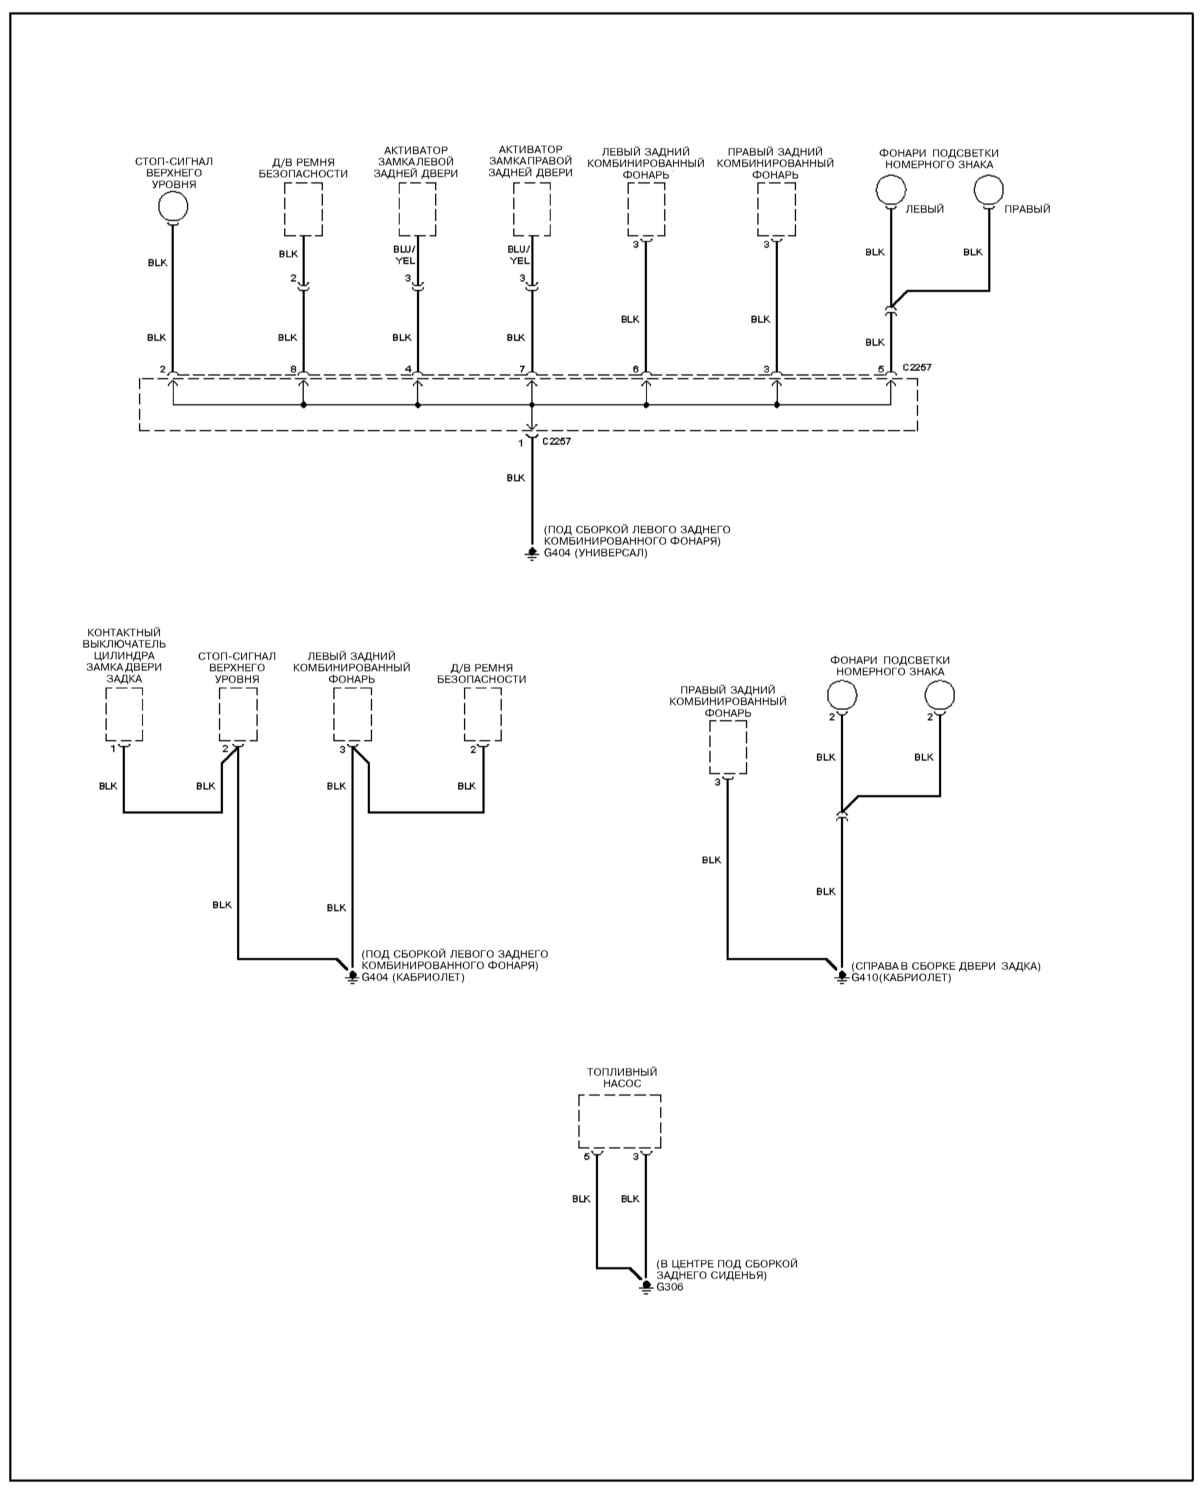 Ремонт и обслуживание/ Kia Sportage 1999-2002 15.2 Распределение заземления.